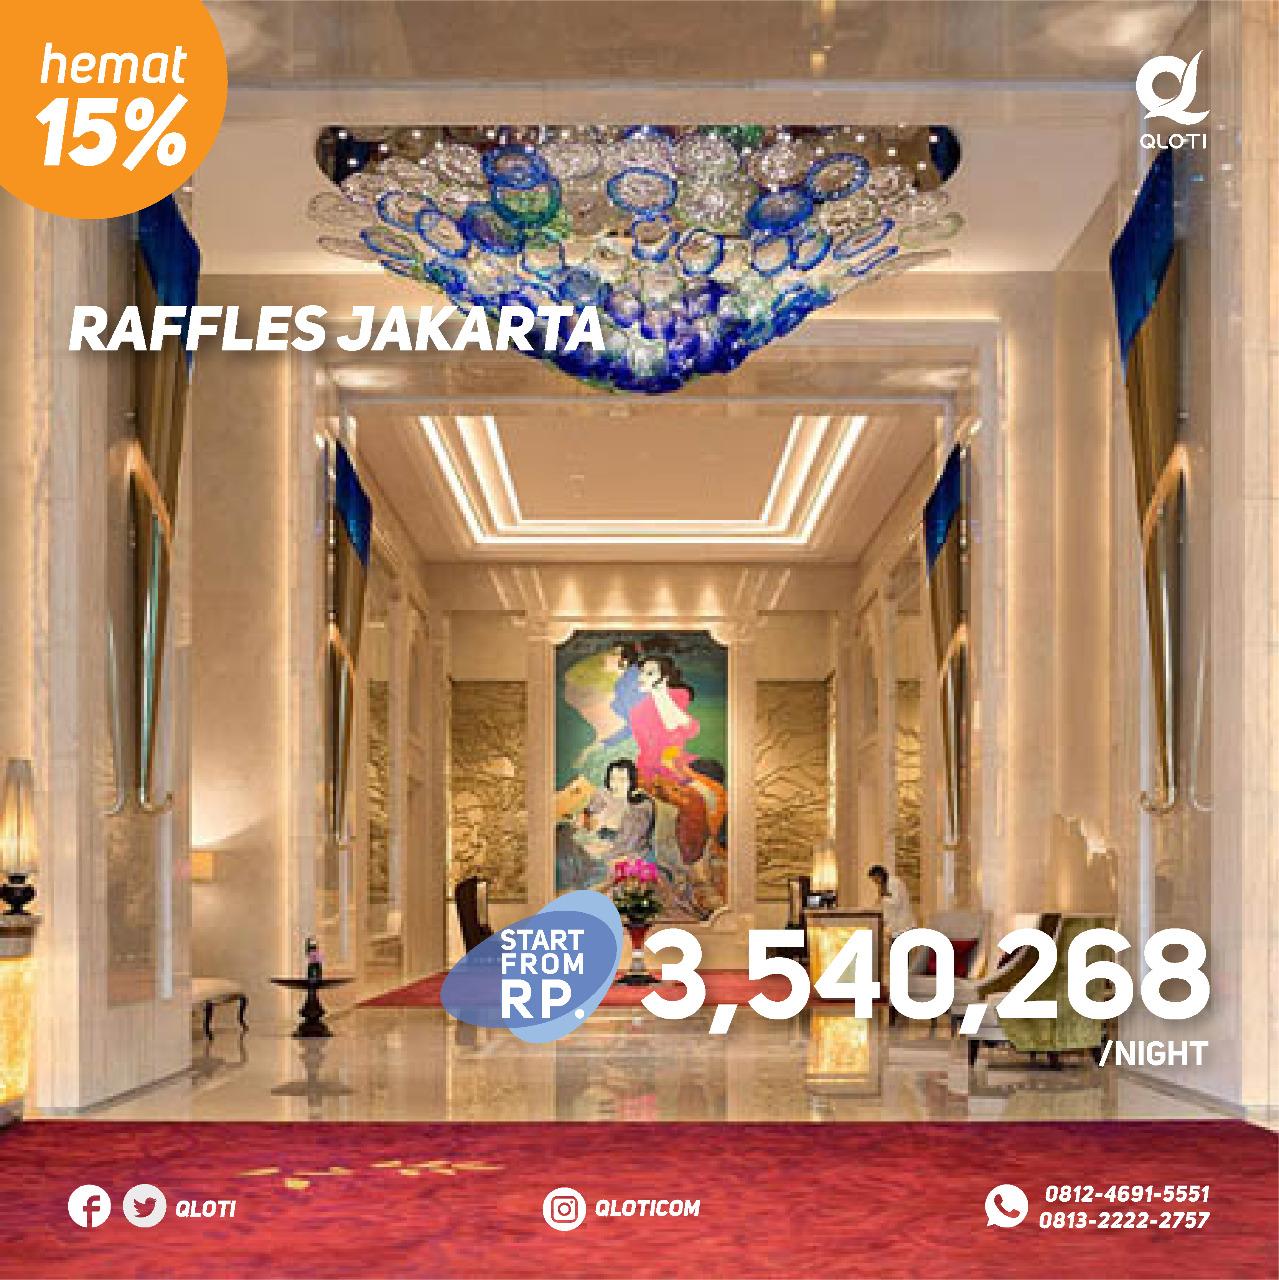 Raffles Jakarta - yoexplore, liburan keluarga - yoexplore.co.id